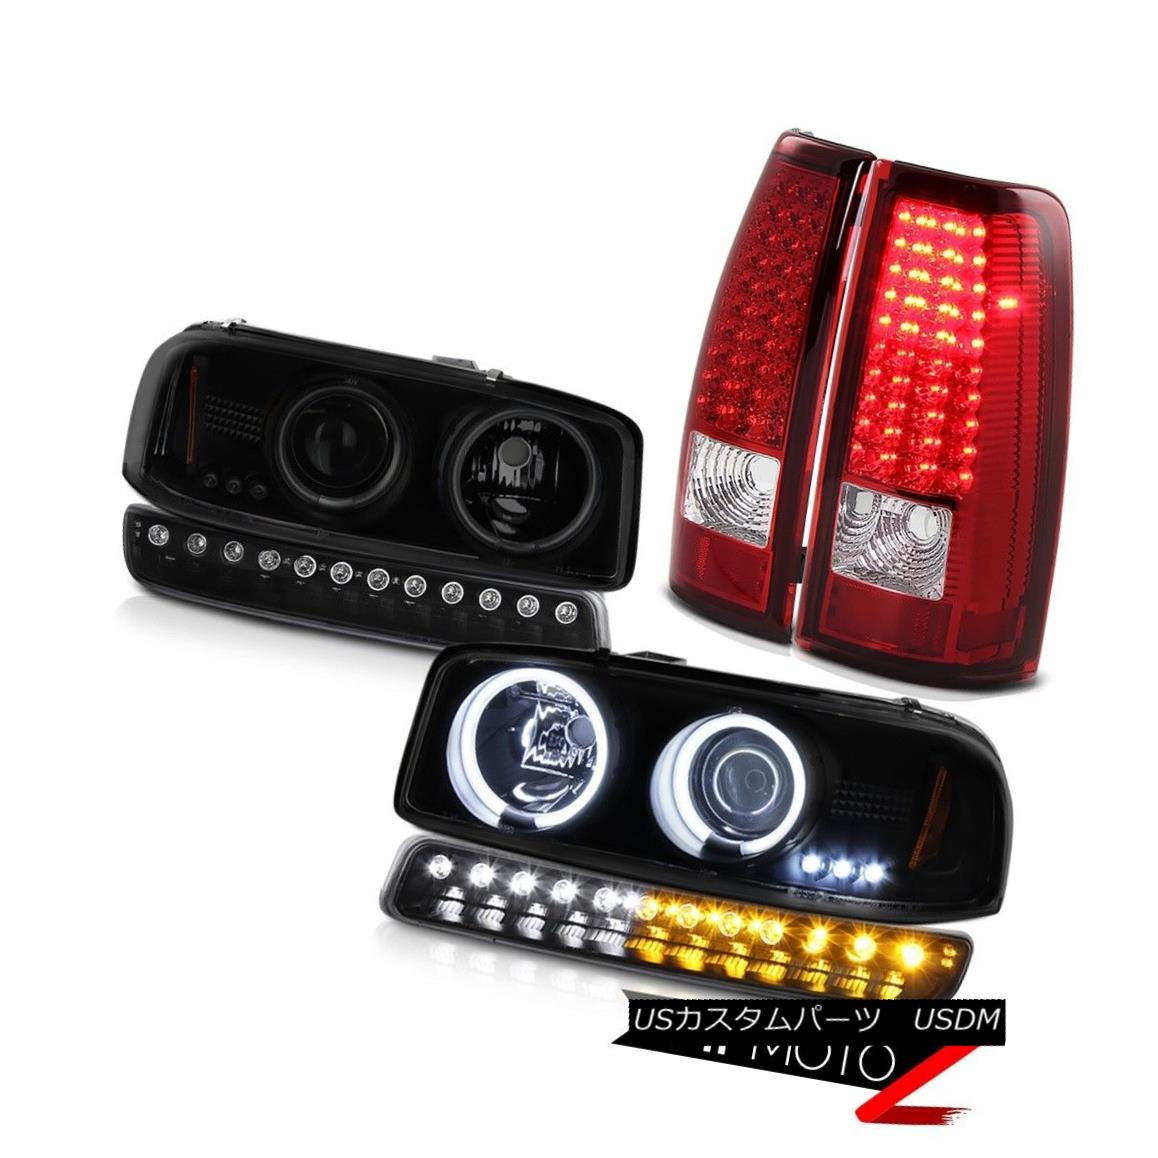 テールライト 1999-2006 Sierra 2500HD Tail brake lamps inky black turn signal ccfl headlamps 1999-2006 Sierra 2500HDテールブレーキランプインキーブラックターンシグナルccflヘッドライト